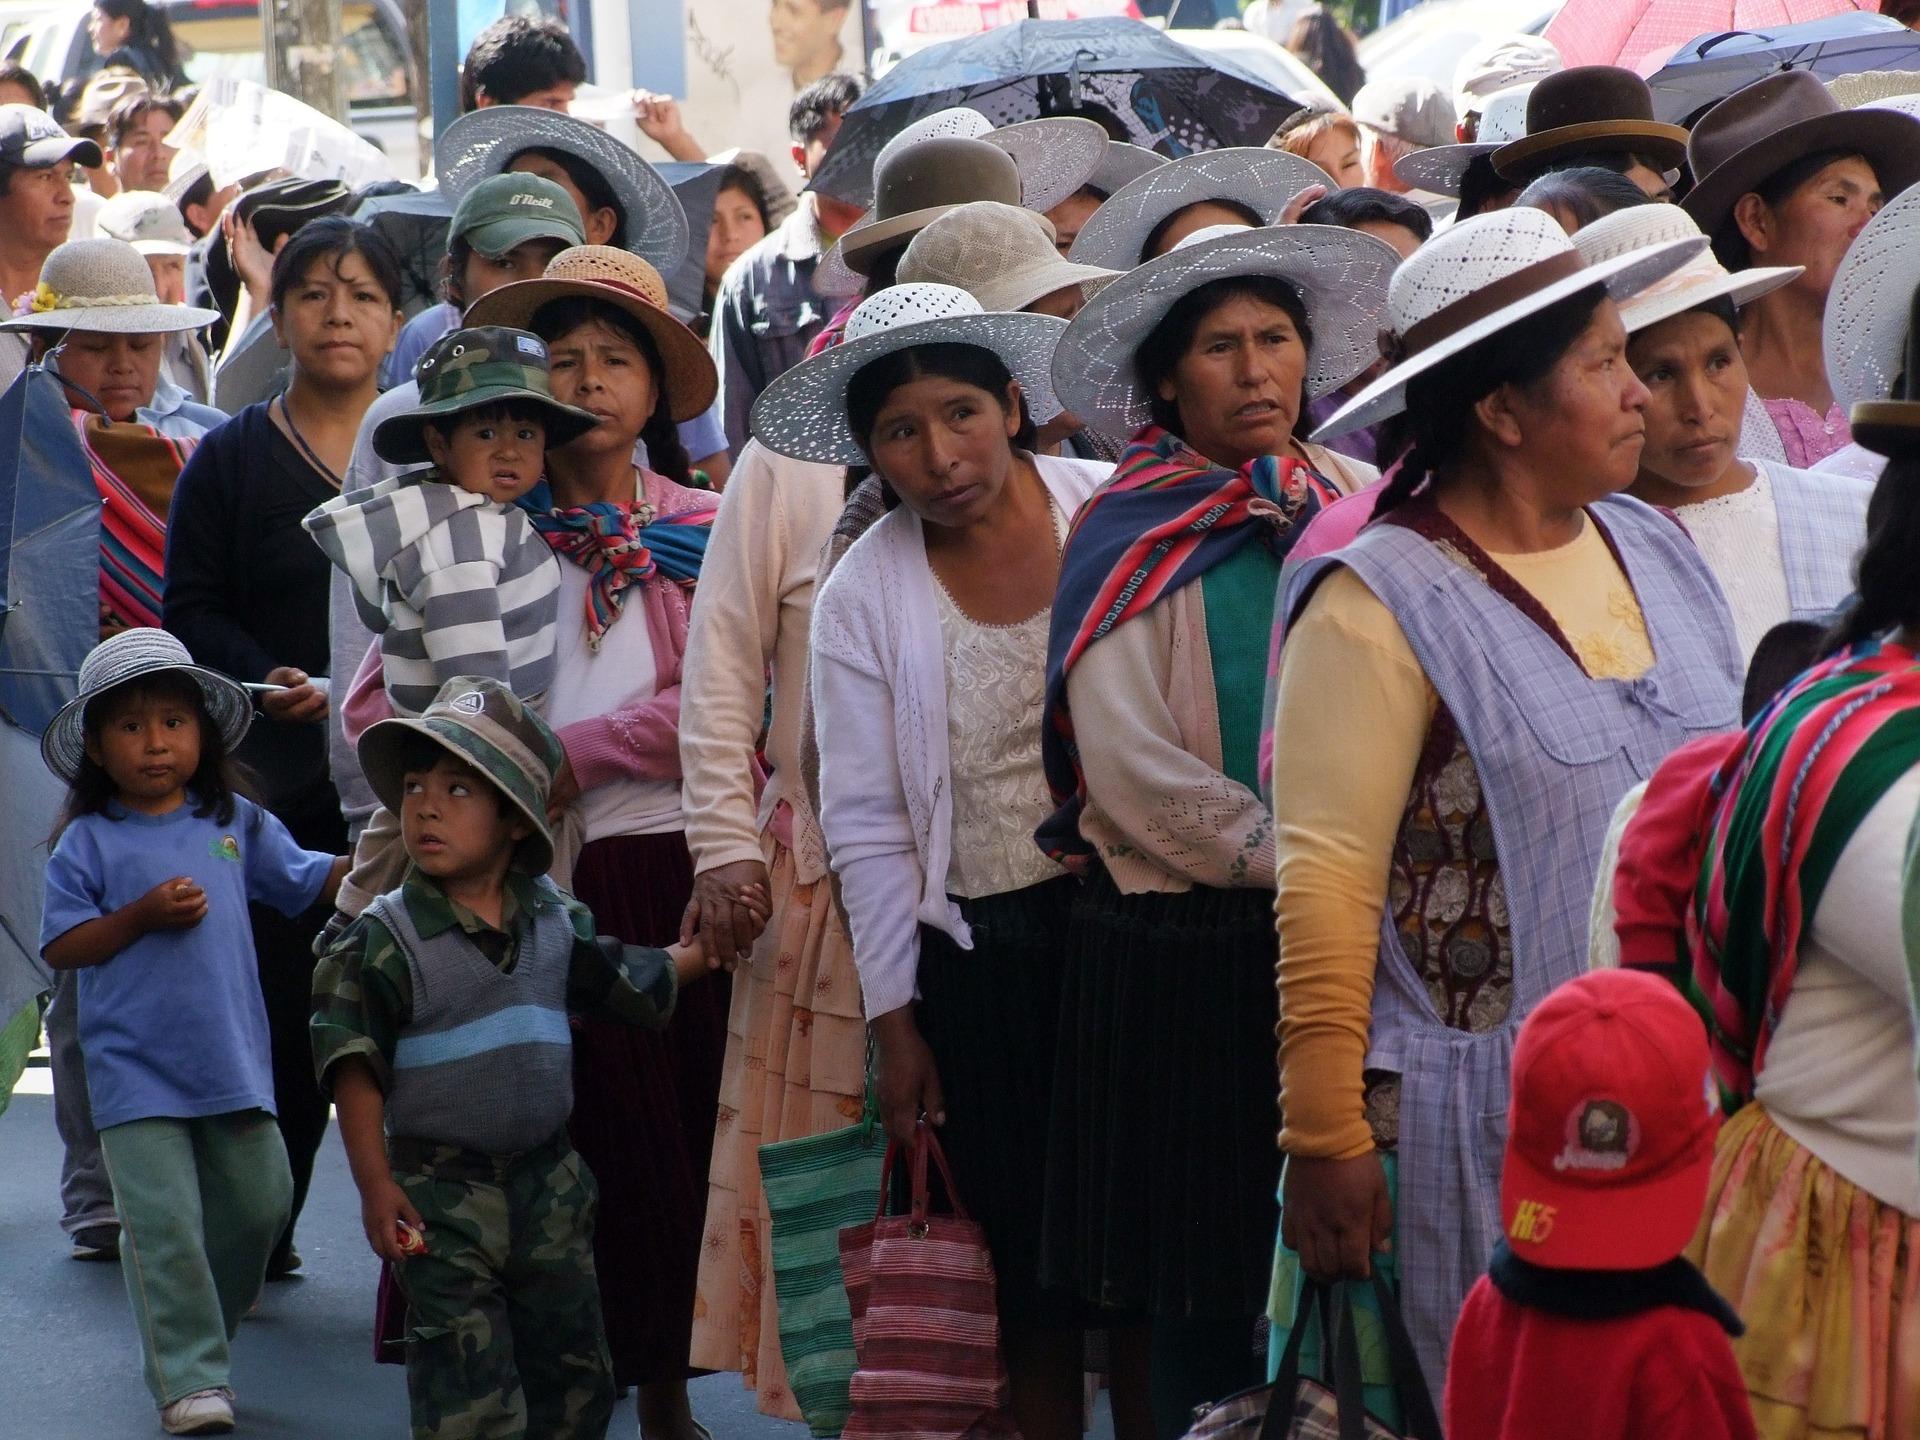 gender gap in Latin America